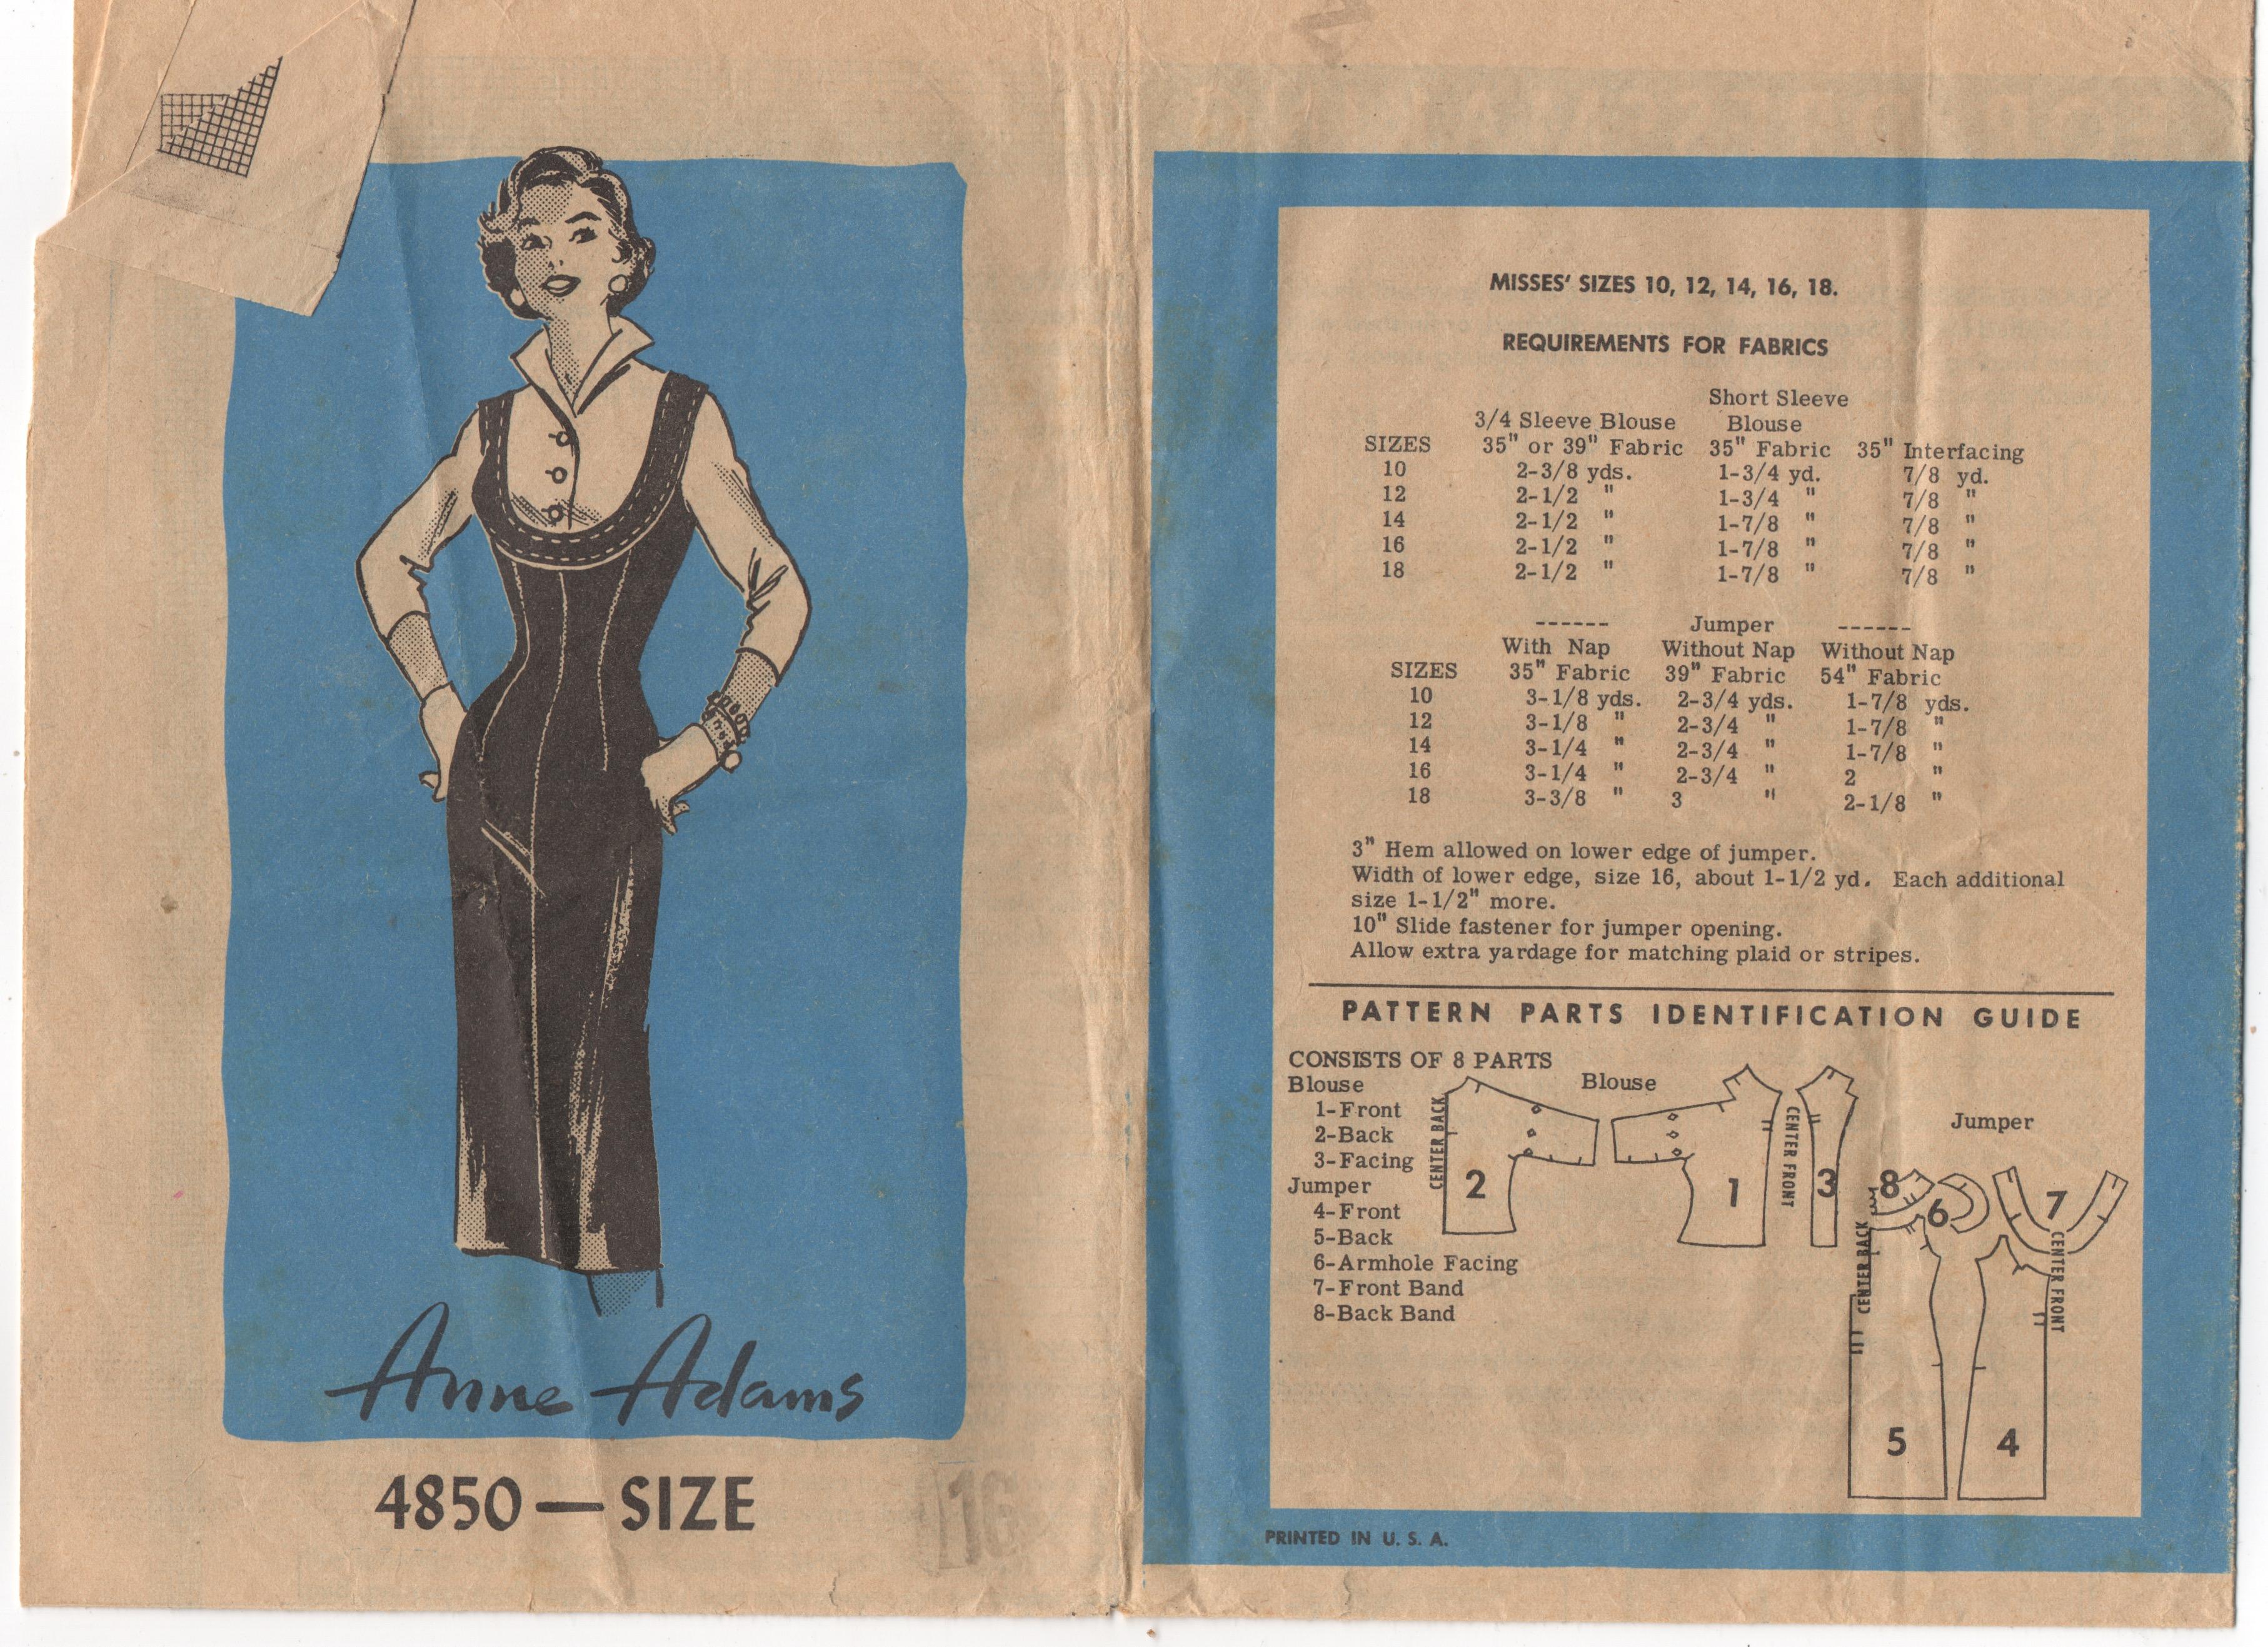 Anne Adams 4850